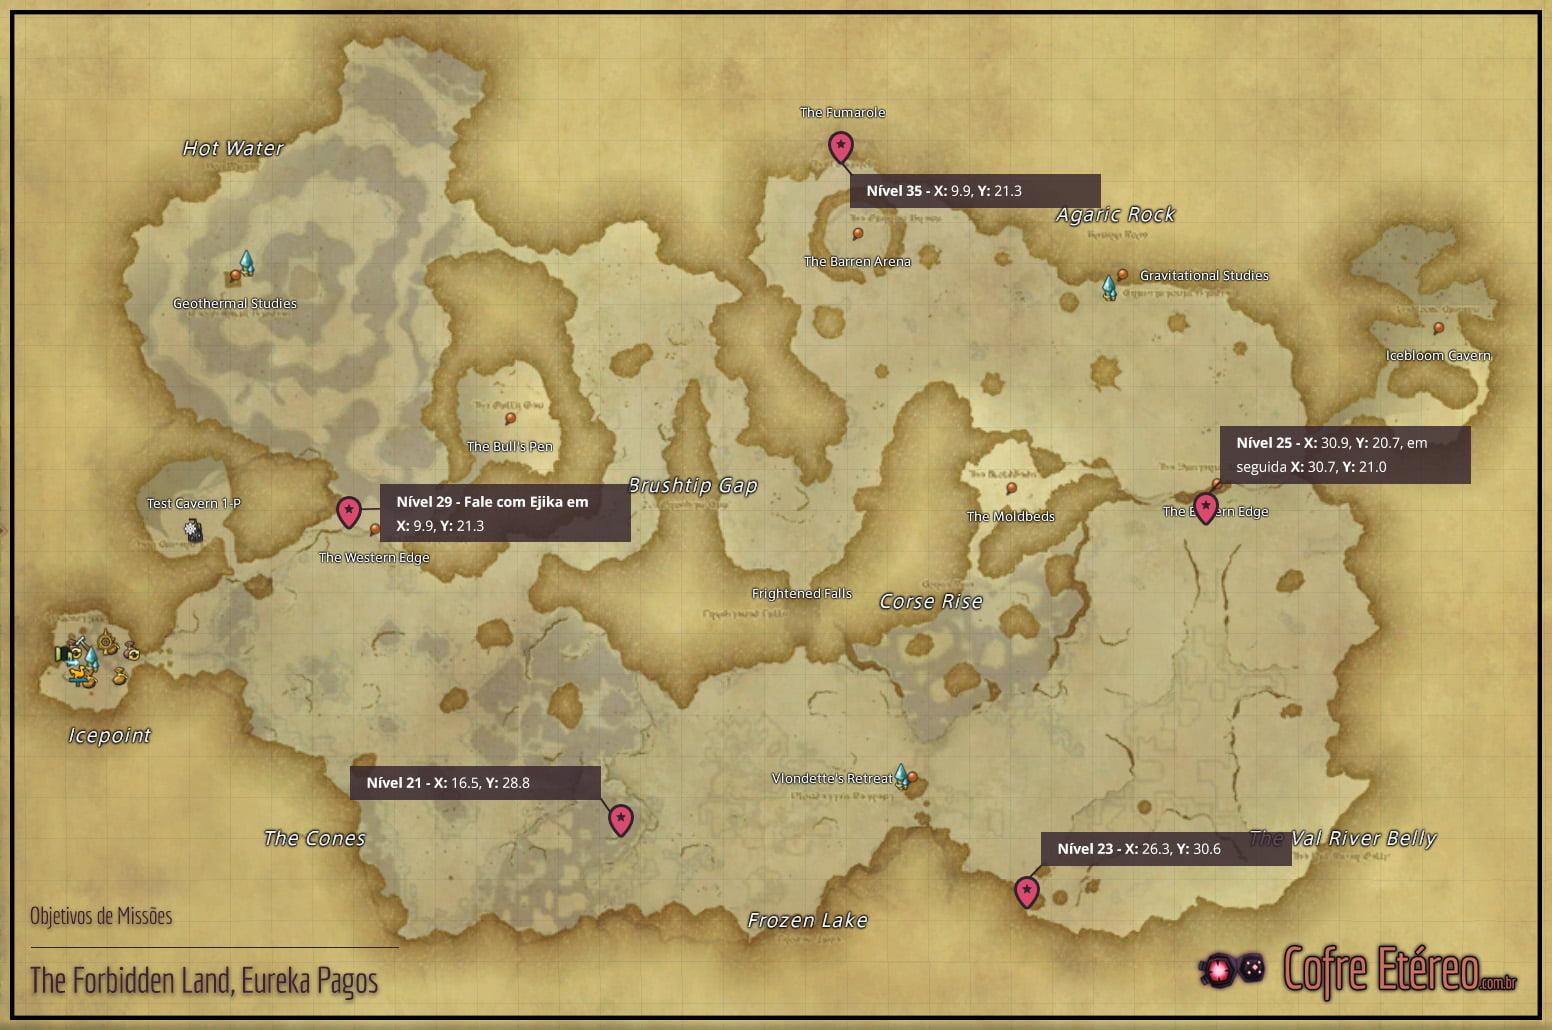 Pagos - Localização dos Objetivos das Missões